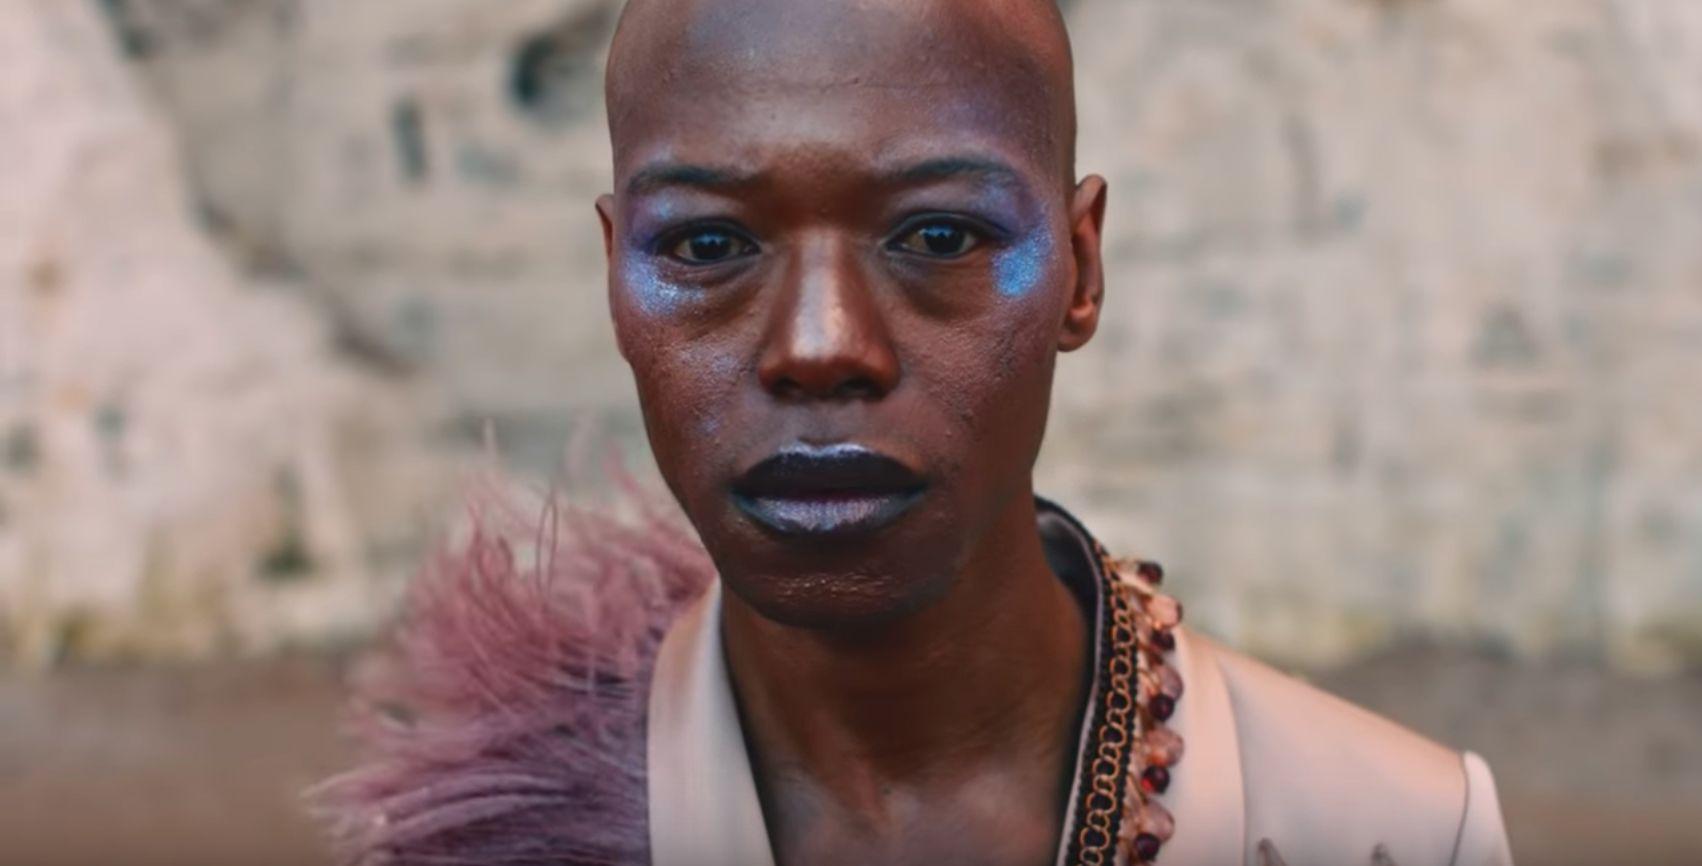 South African singer Nakhane